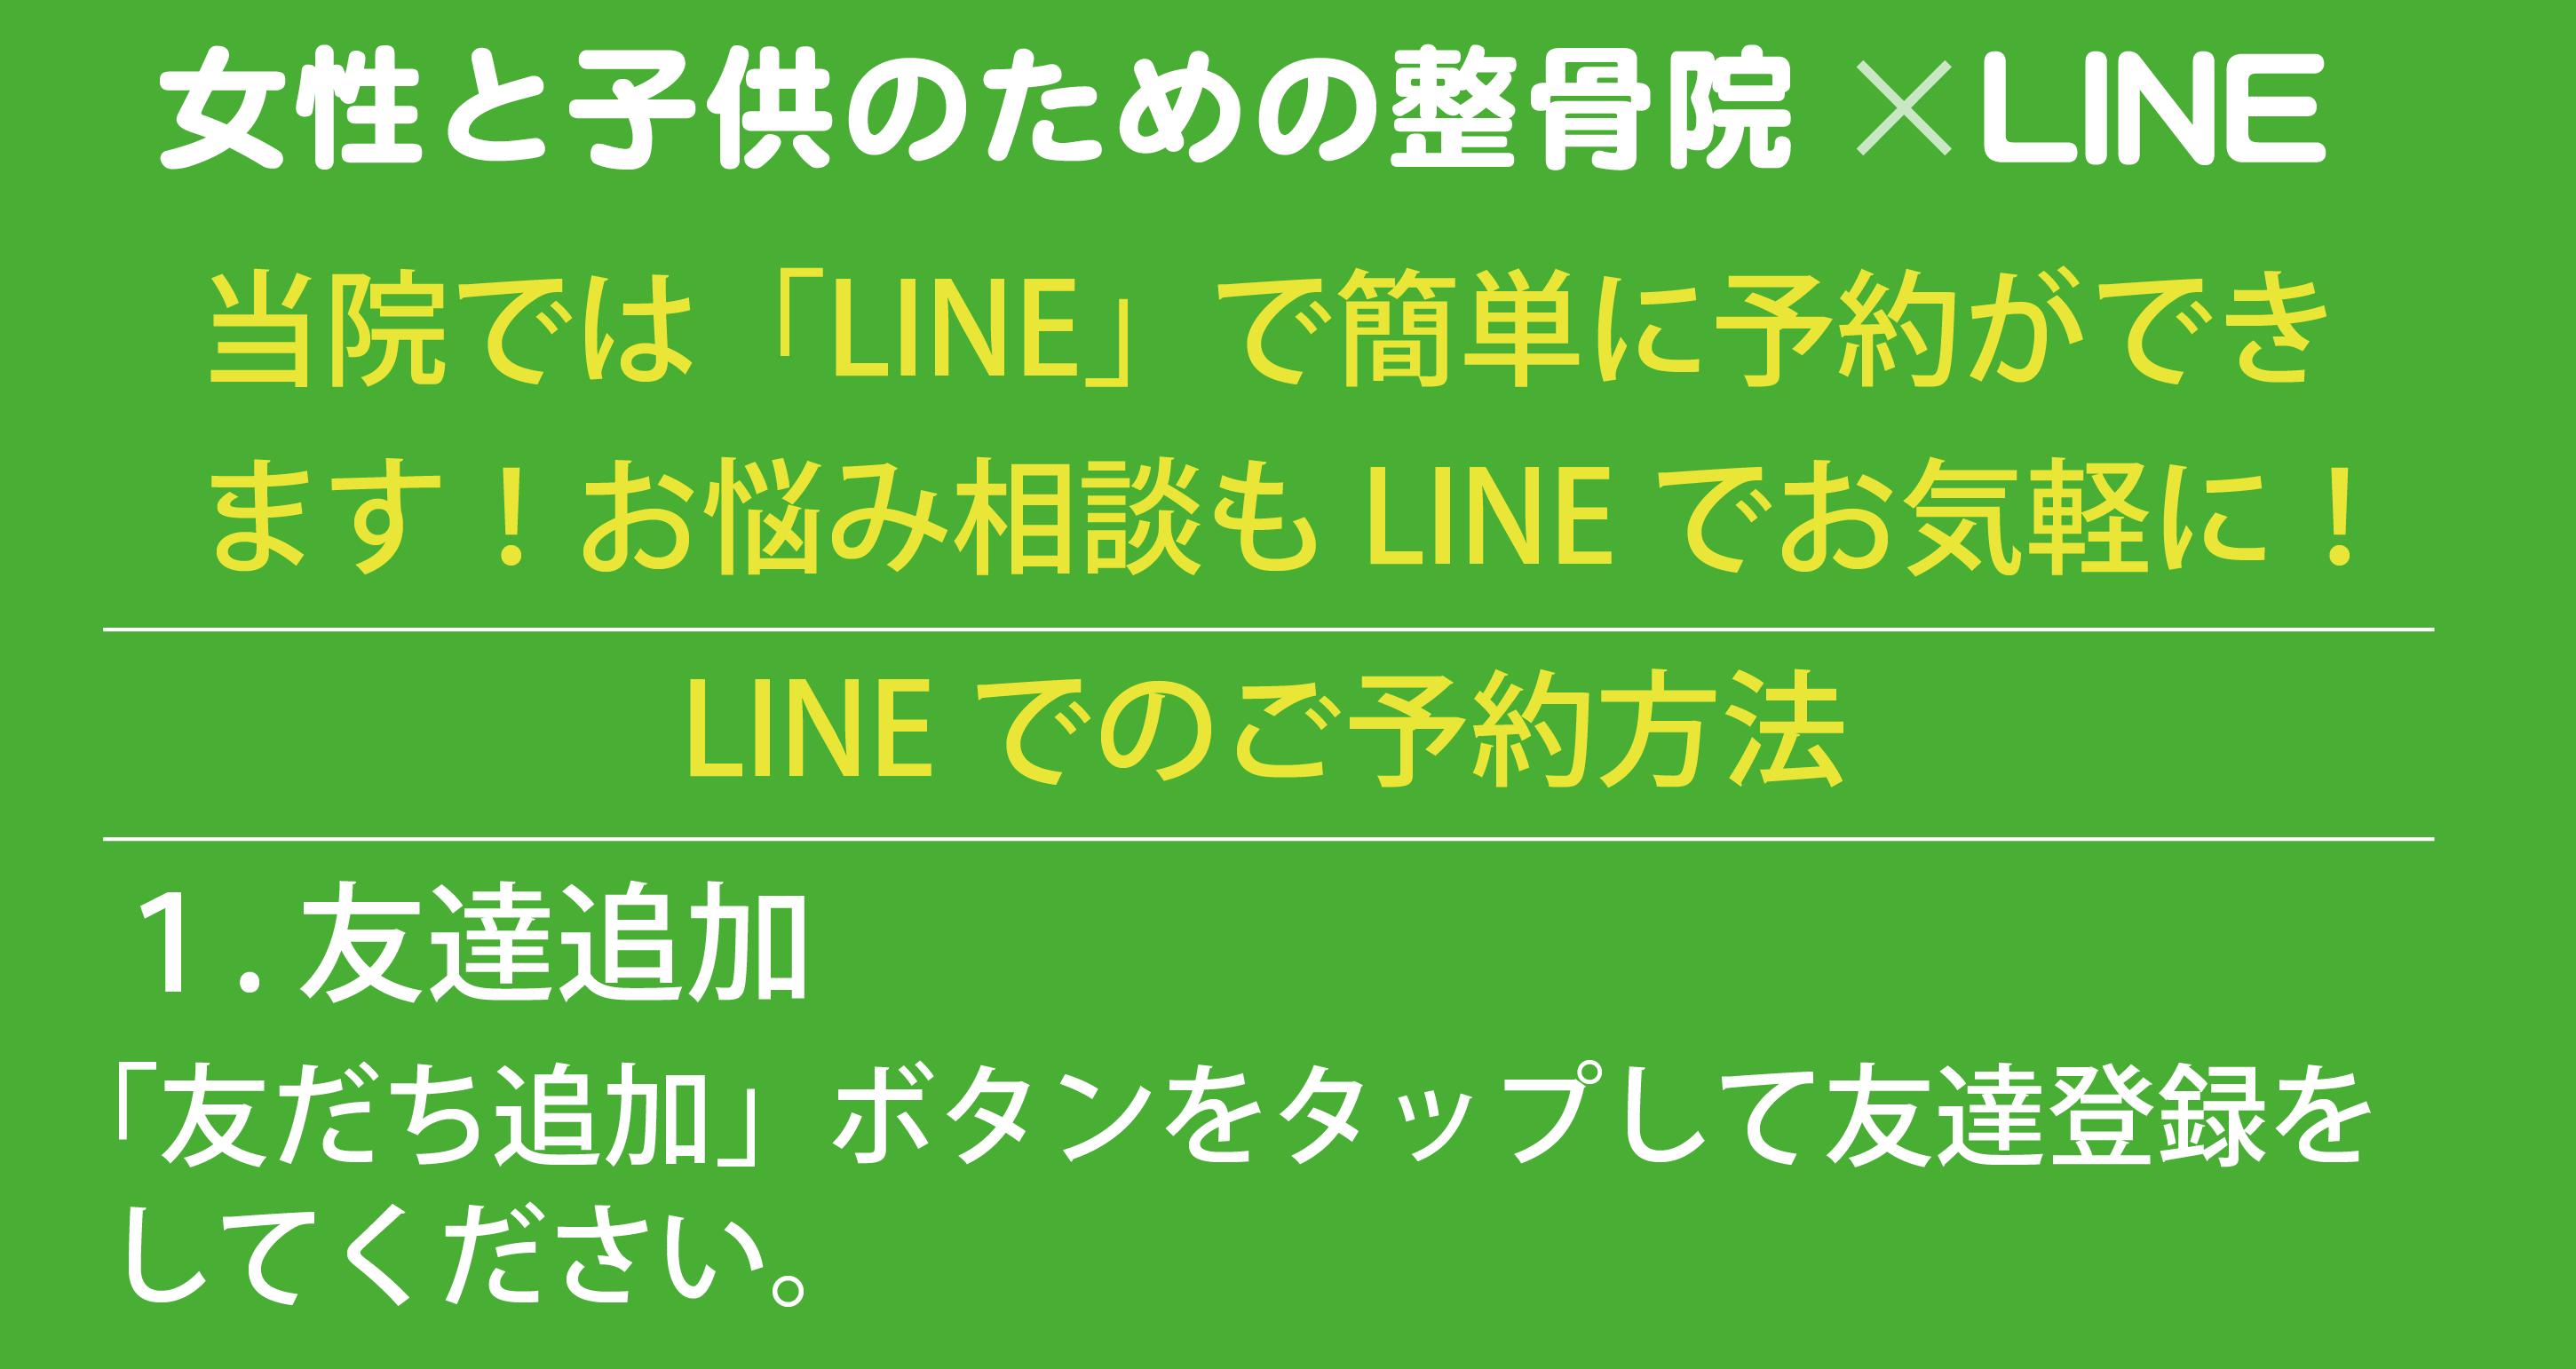 LINE問い合わせ方法1